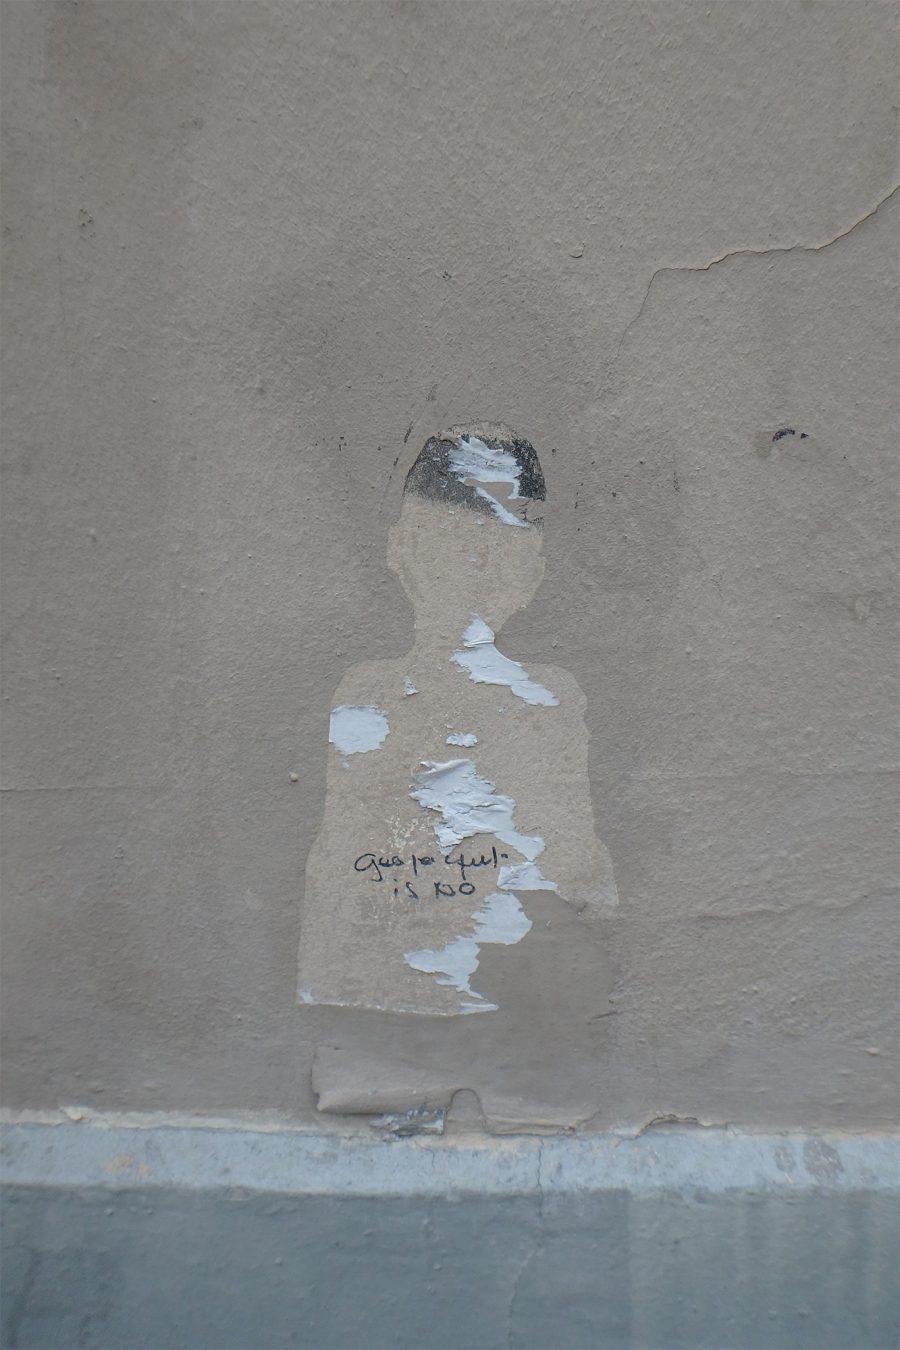 La ville est vivante – 3. Le fantôme : le fantôme, c'est un peu le passant anonyme, qui rêve de s'évade